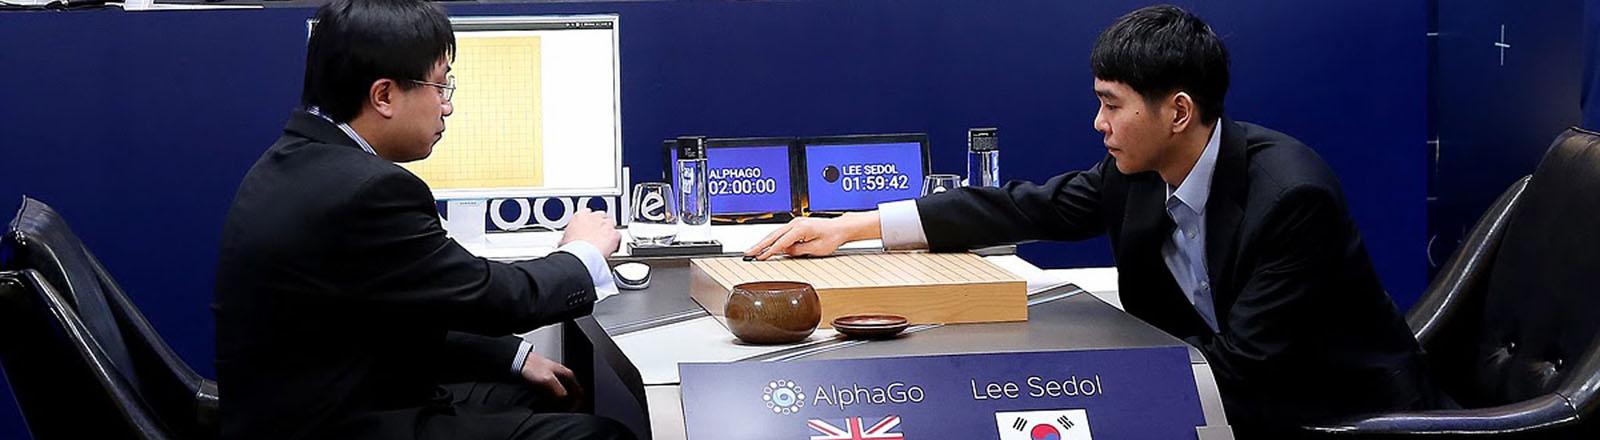 Der Südkoreanische Go-Meister Lee Se-dol tritt gegen den von Google entwickelten Go-Computer an.